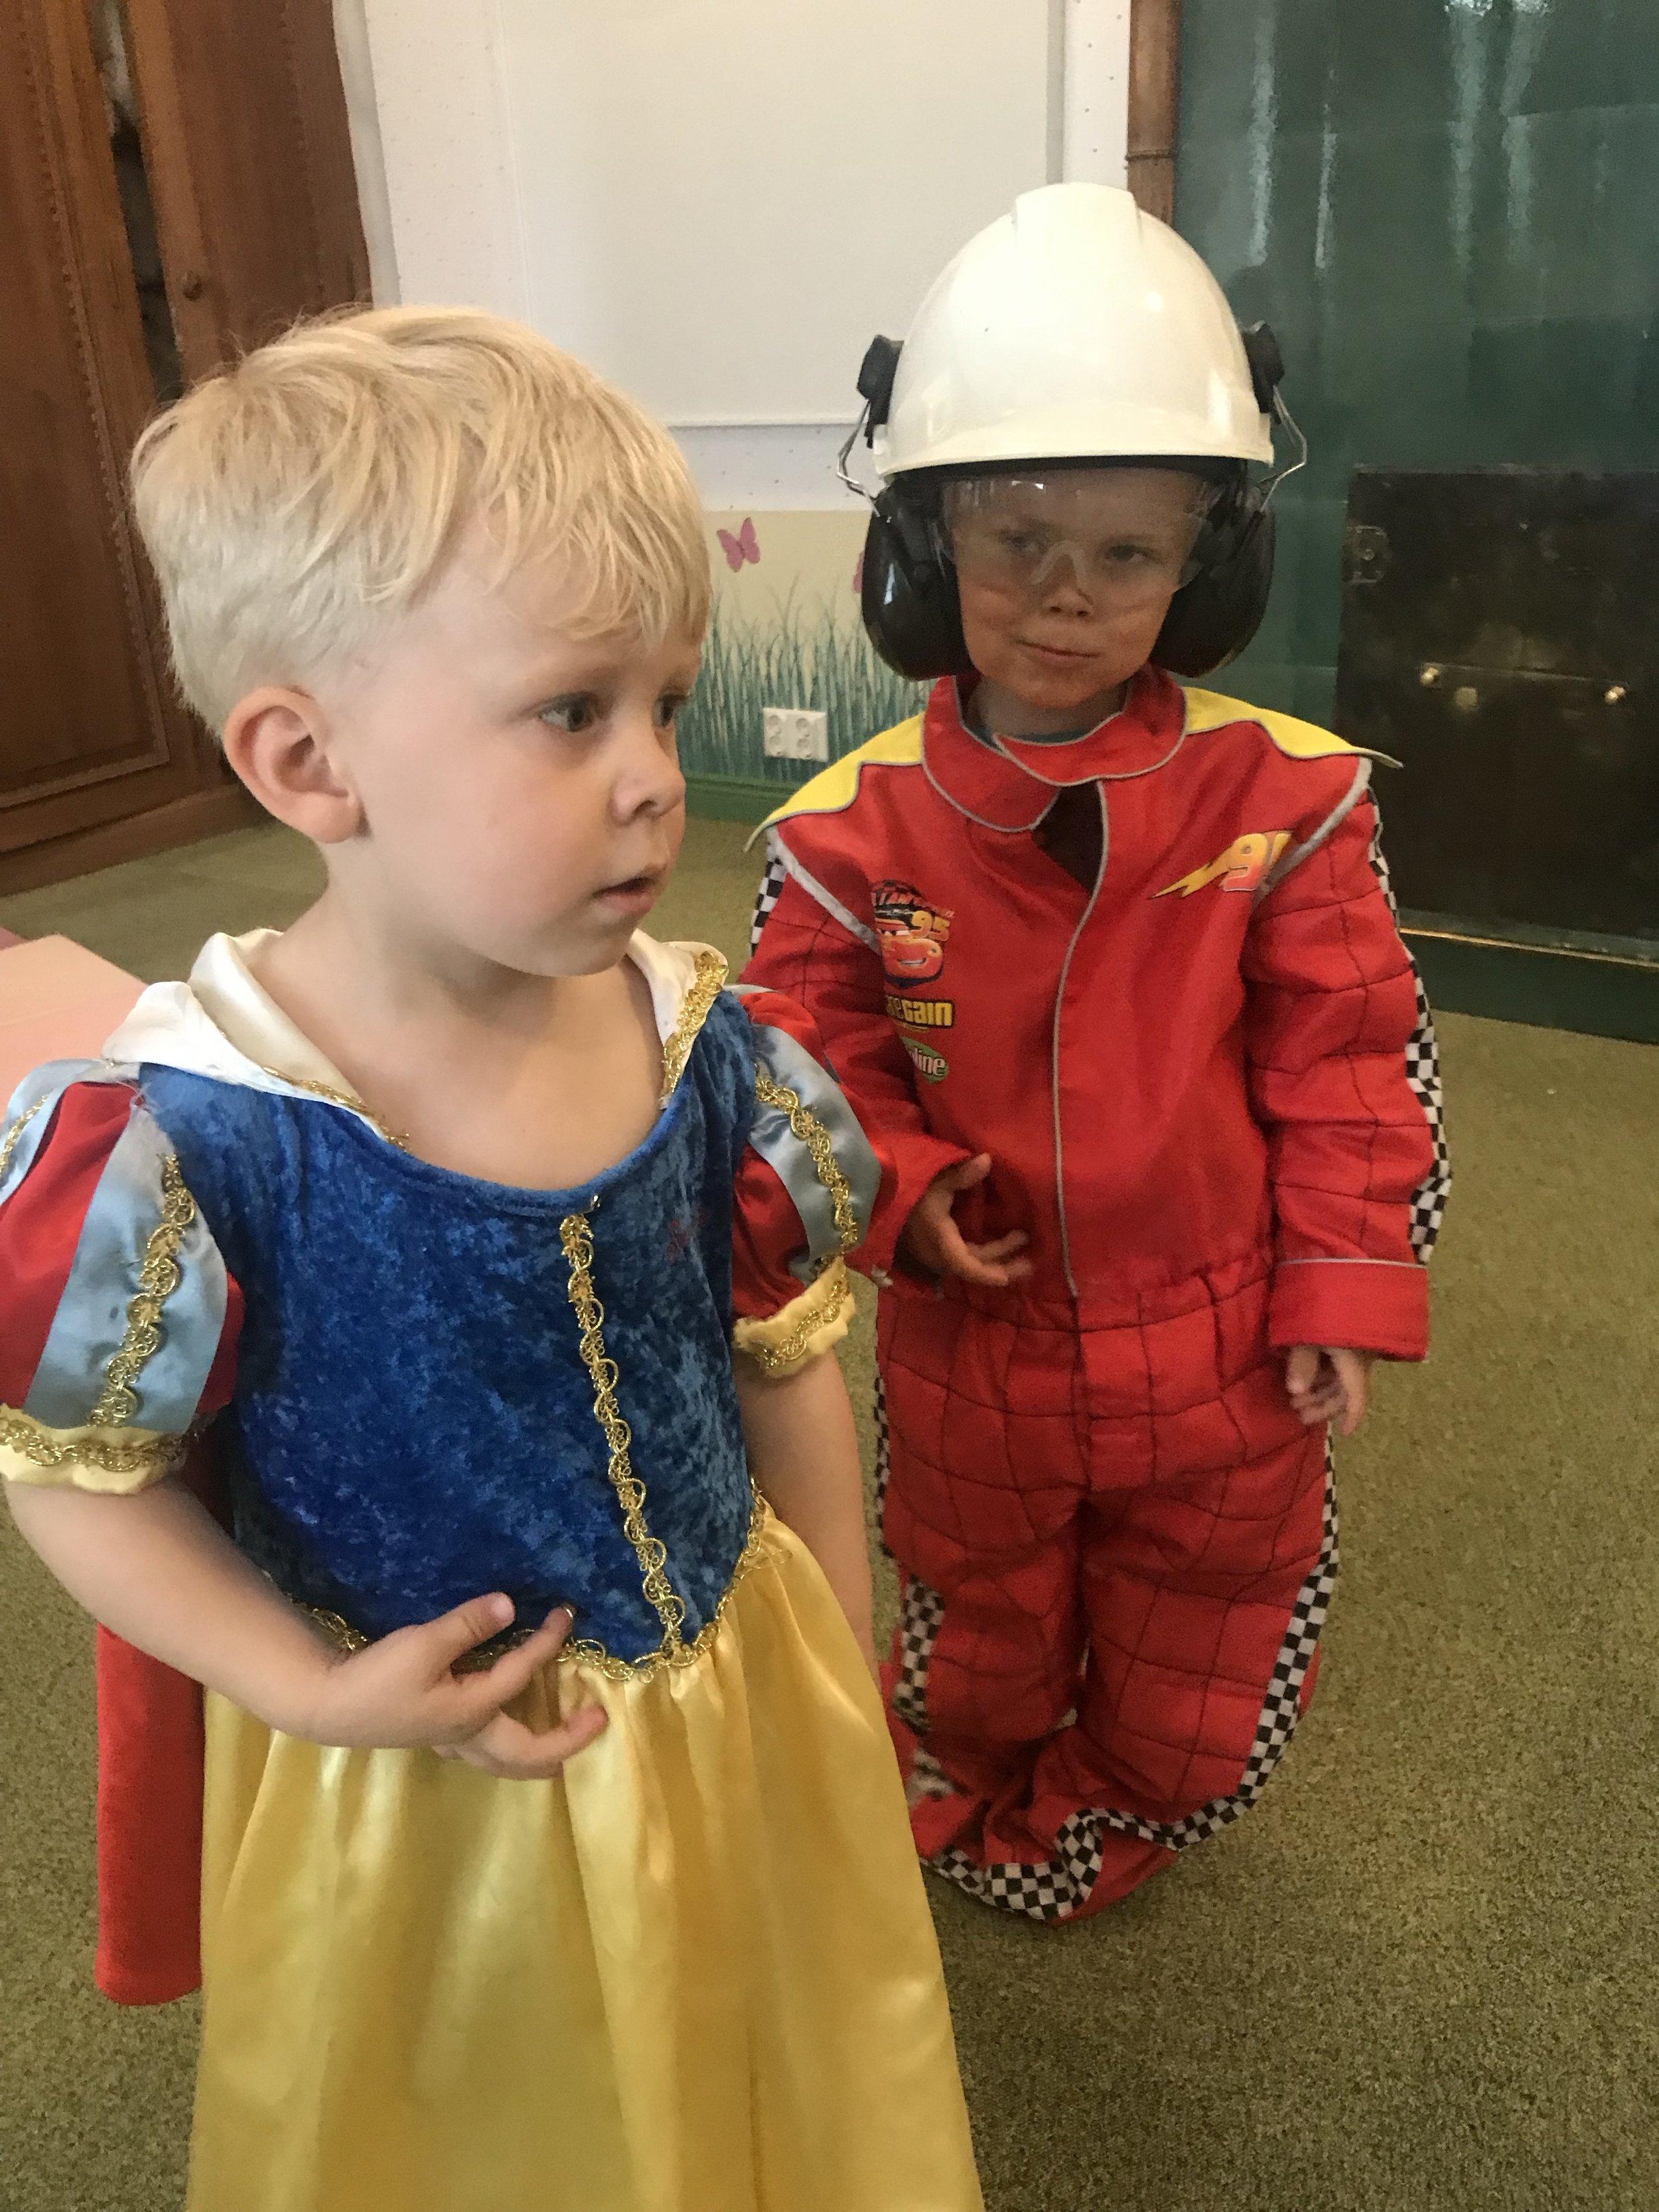 Muistetaan että jos lapsi haluaa leikkiä prinsessaa, sitten hän myös saa leikkiä!